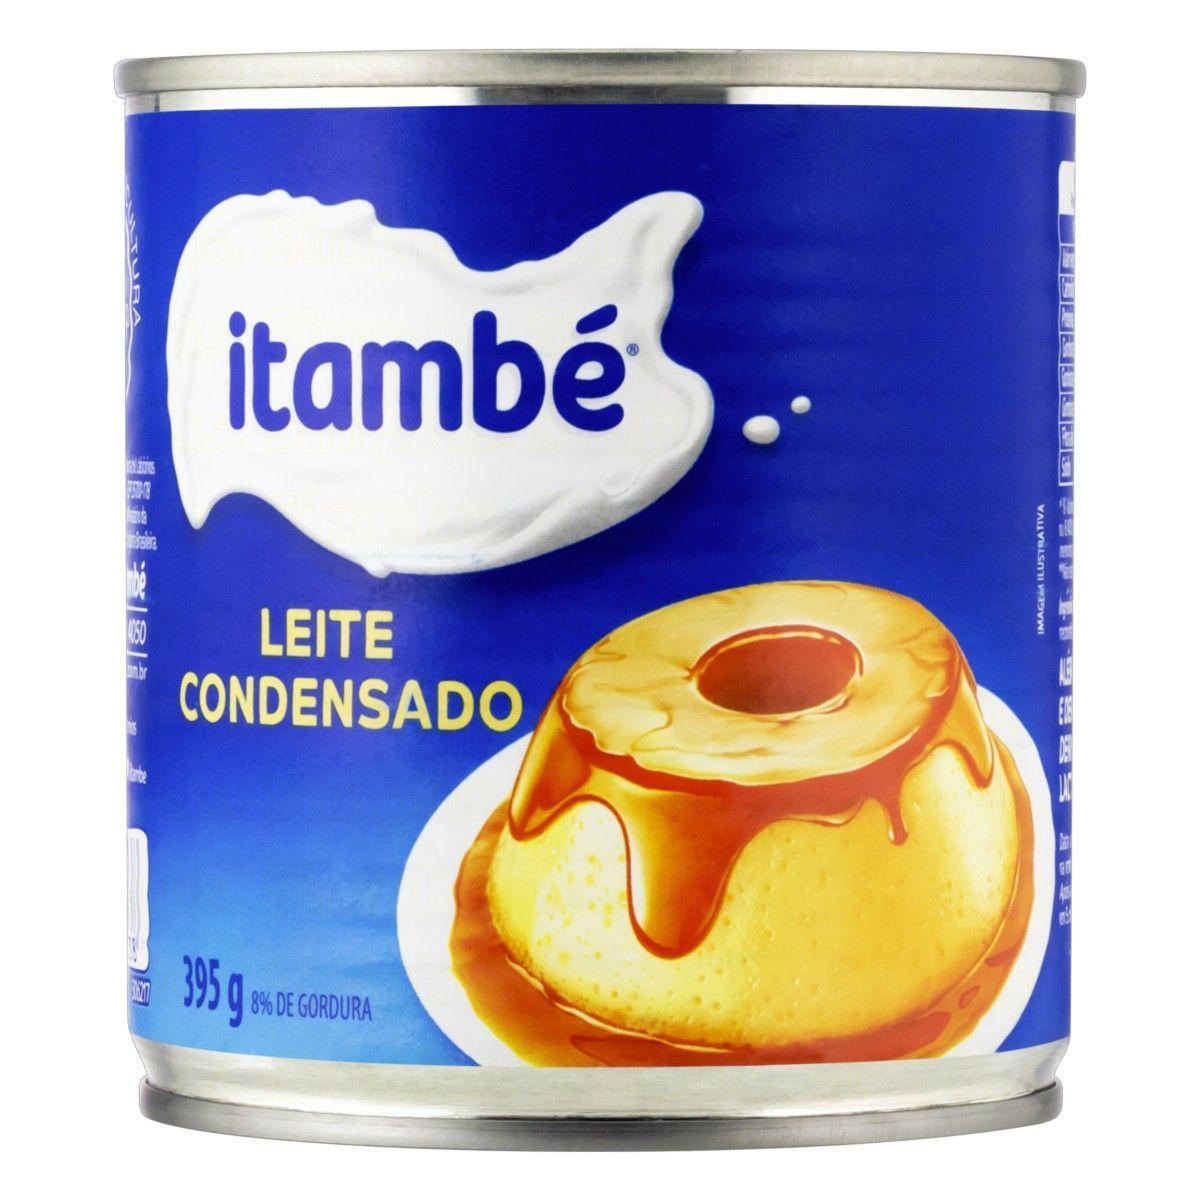 Leite Condensado  395g Itambé lata UN